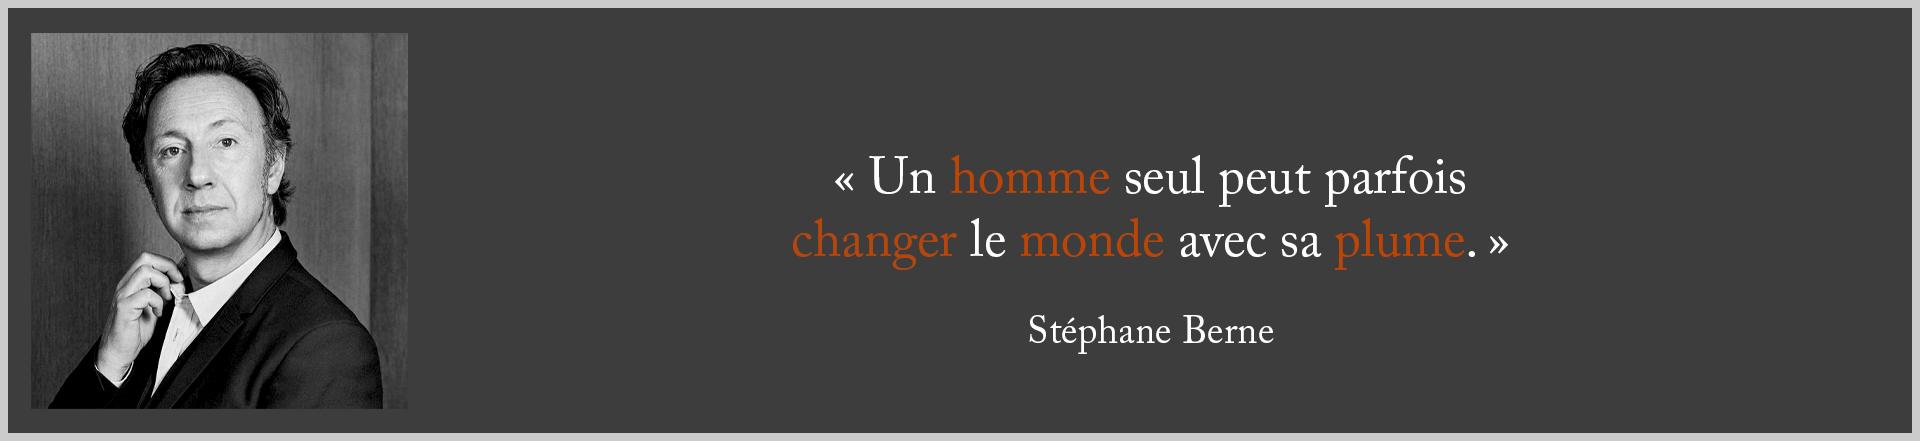 Un homme seul peut parfois changer le monde avec sa plume - Stéphane Bern - d'purb dpurb site web